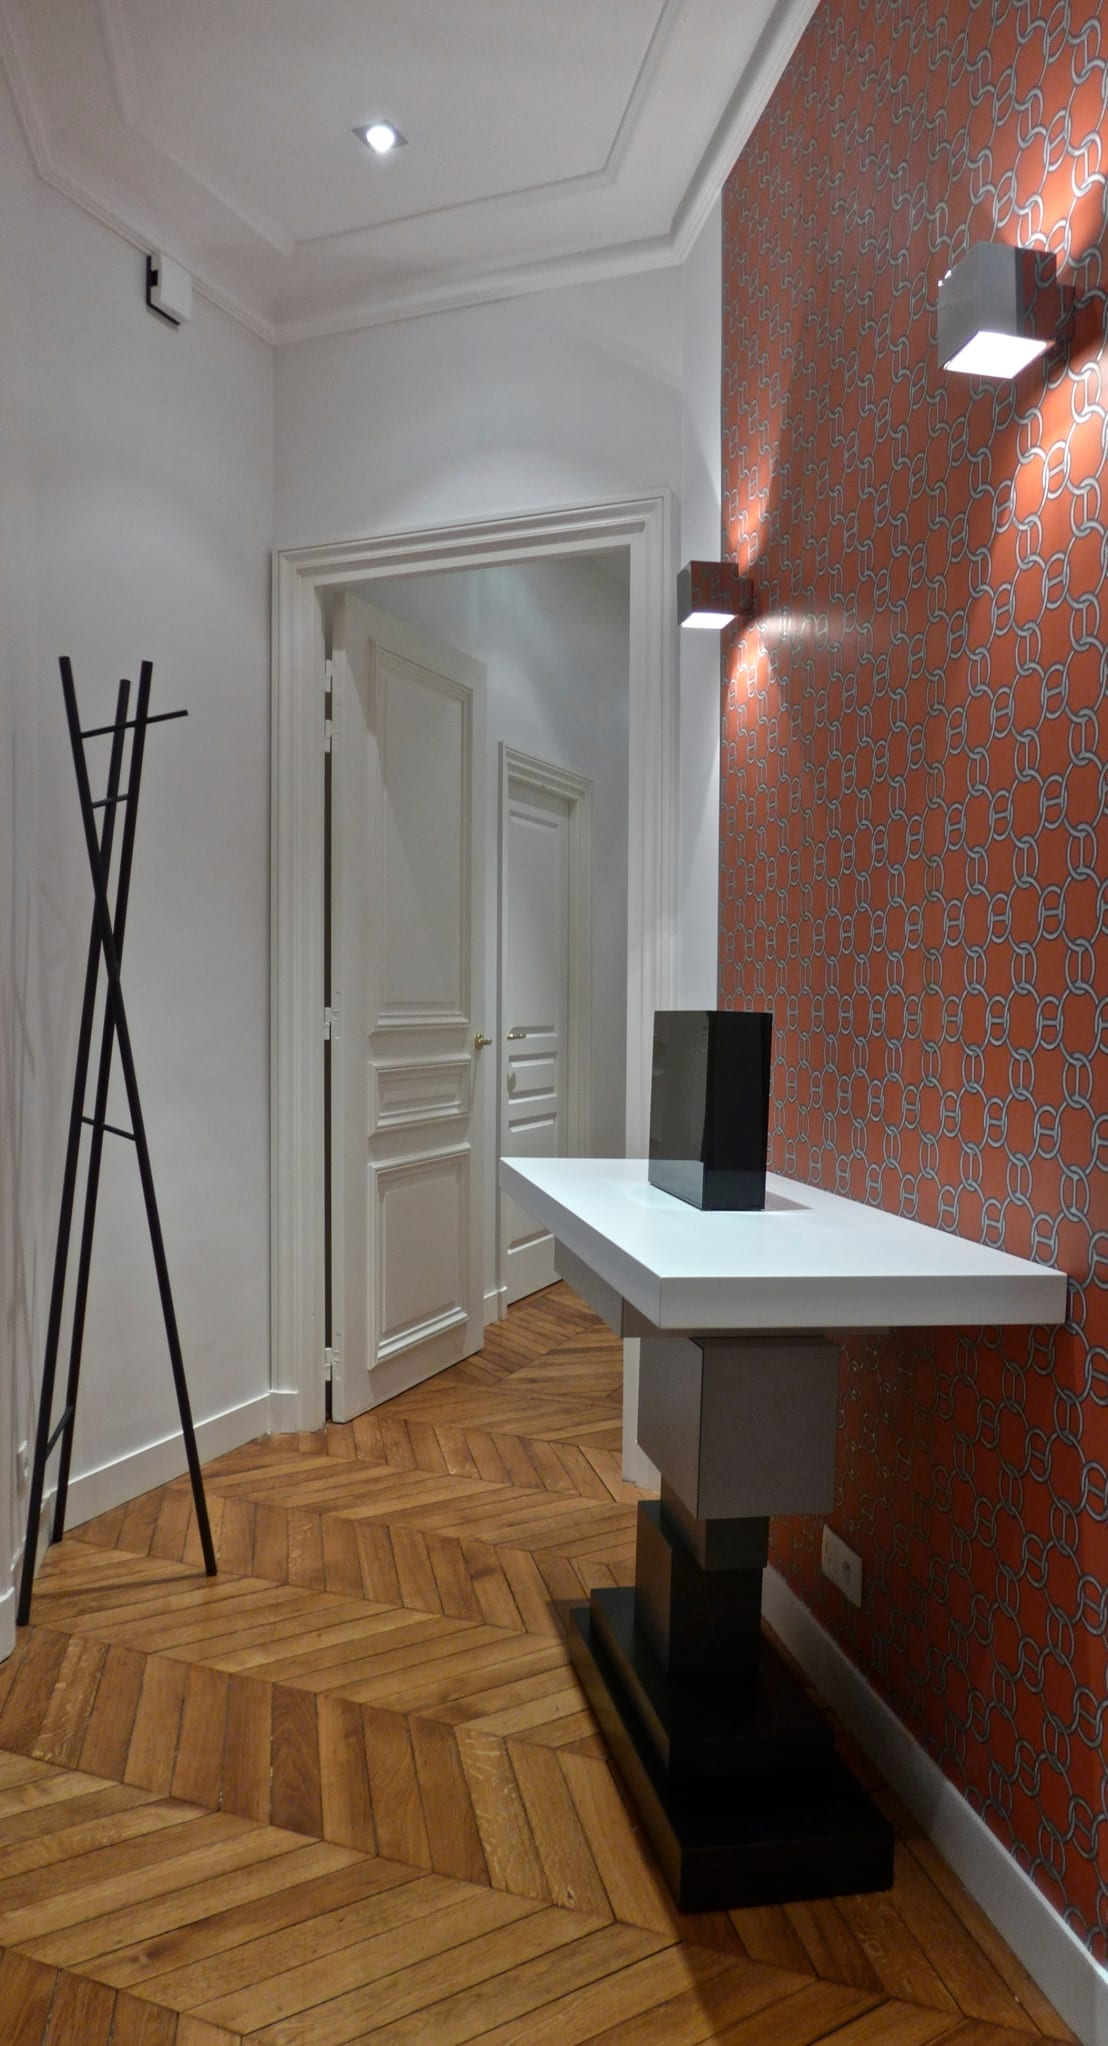 d coration d 39 un appartement haussmannien paris von fella despres d coration d 39 int rieur homify. Black Bedroom Furniture Sets. Home Design Ideas